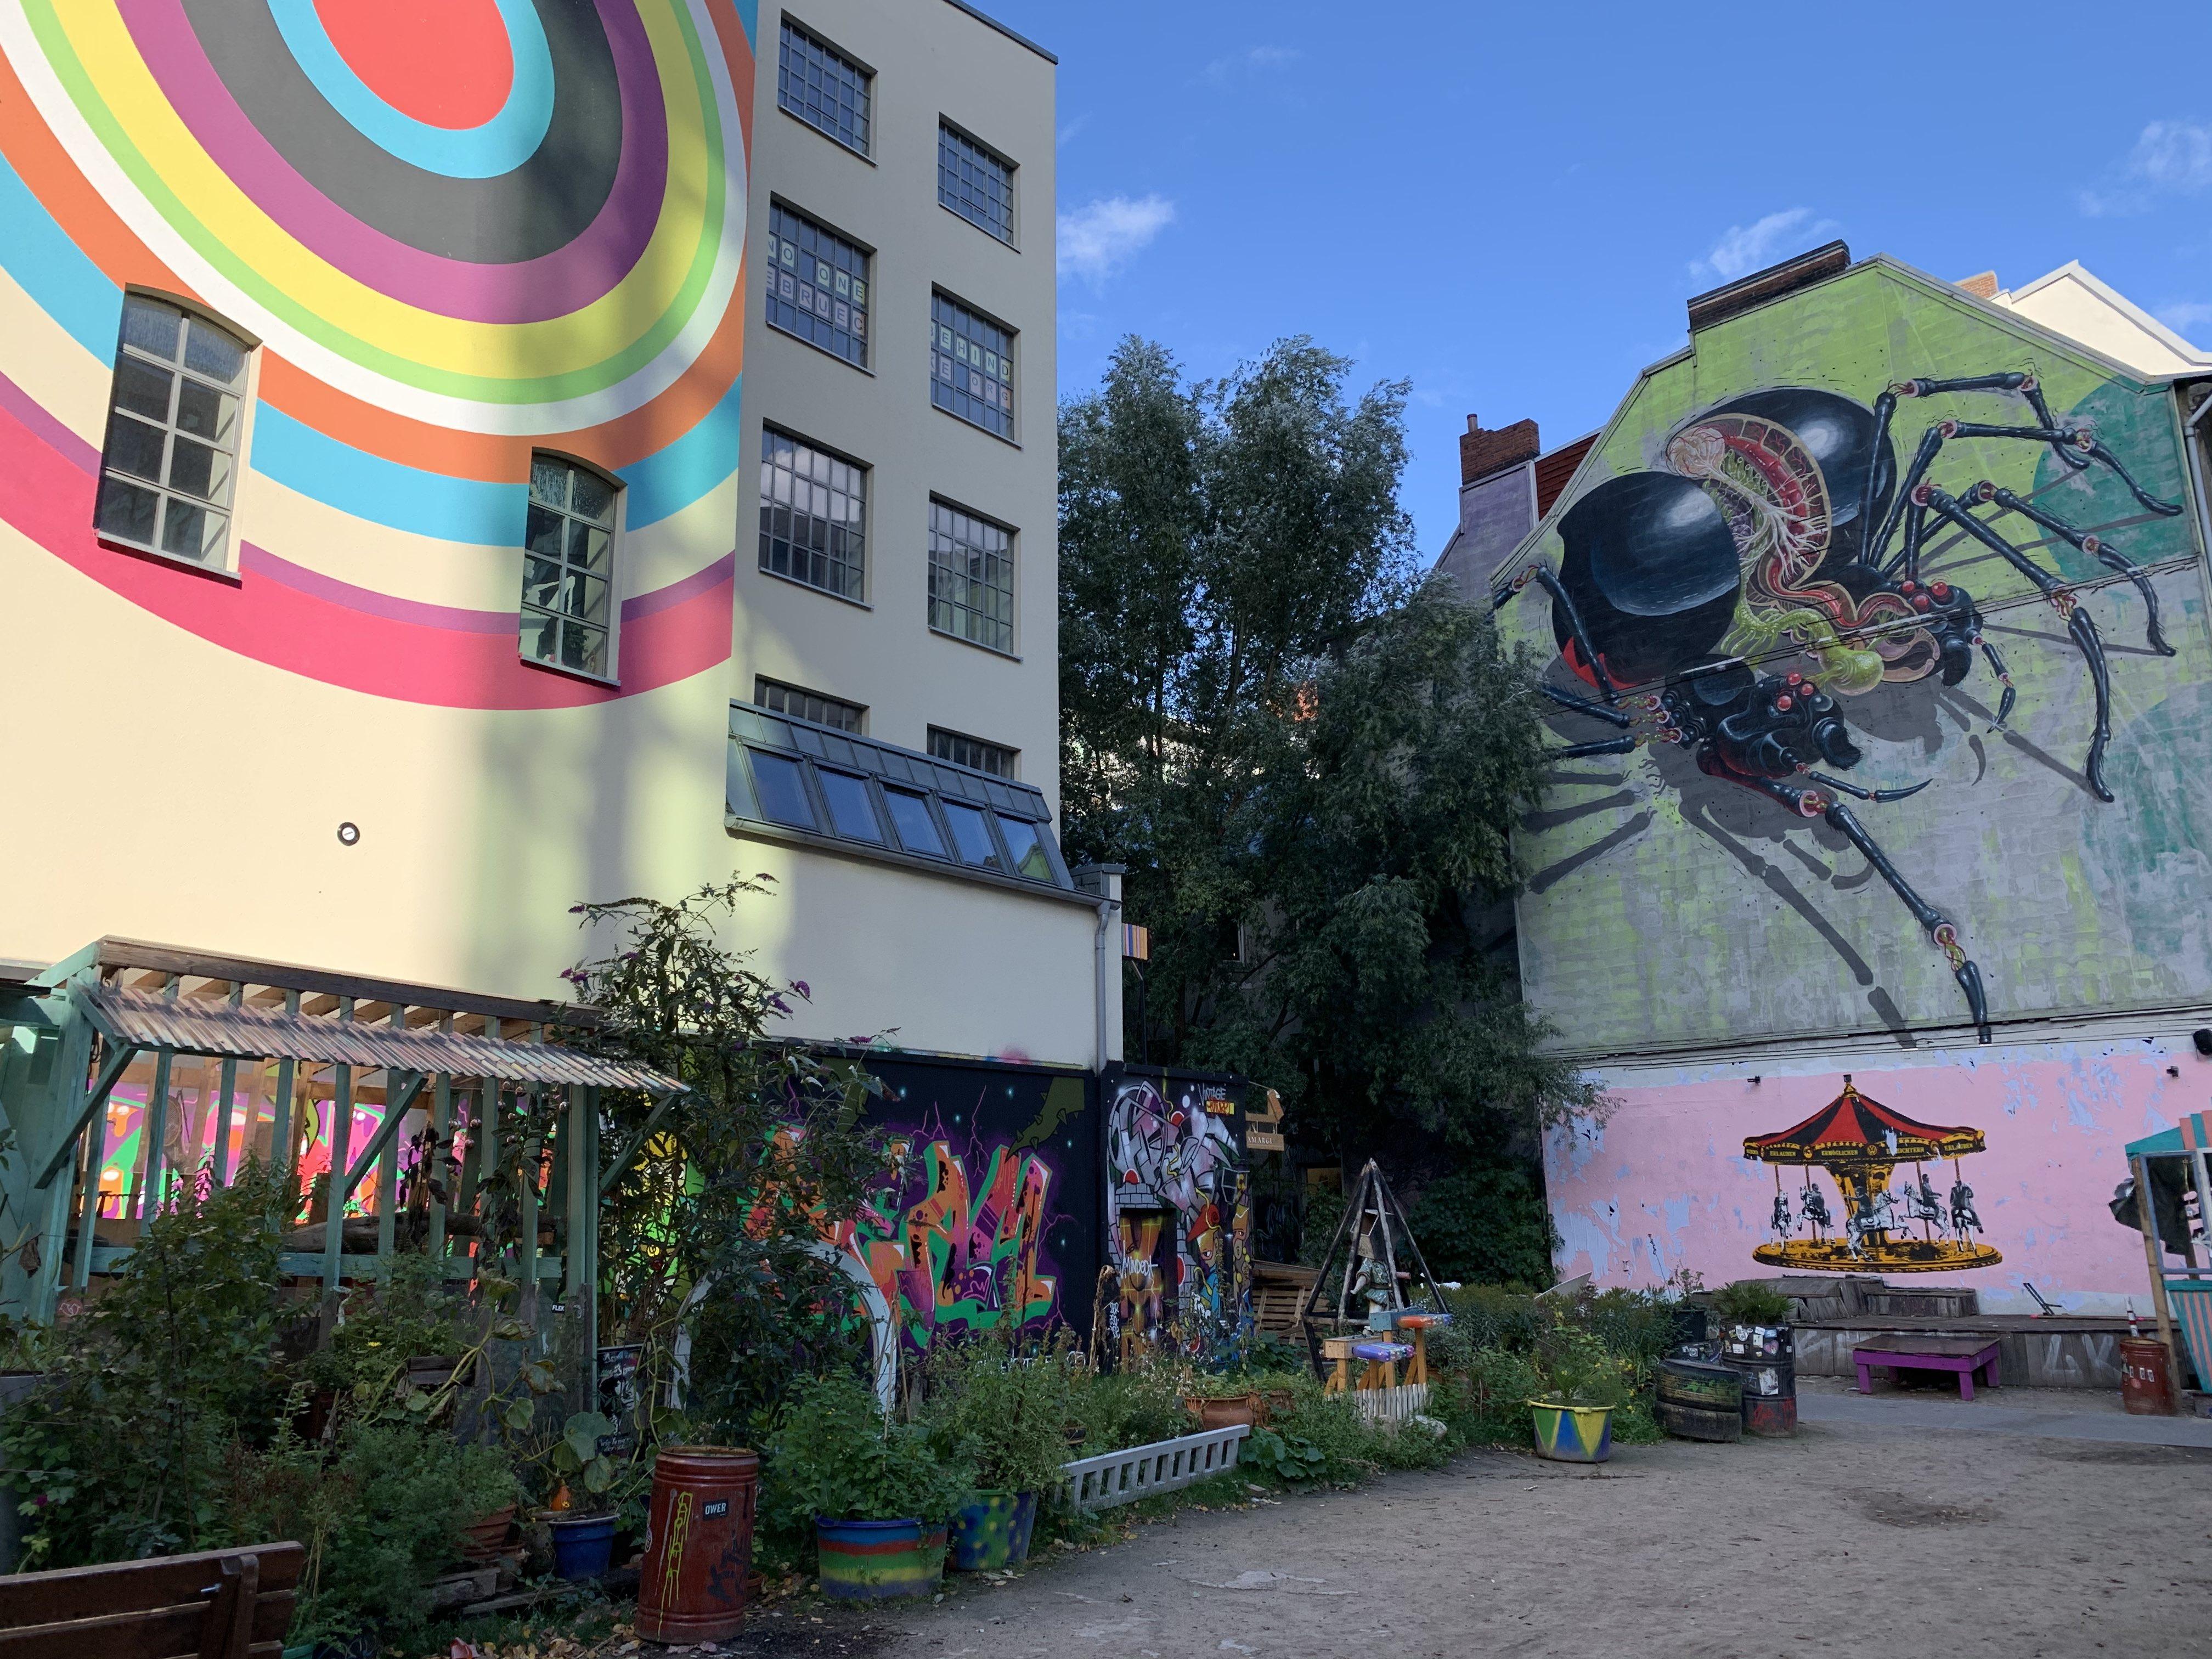 Stöbere durch den y-ART-sale im Gängeviertel.